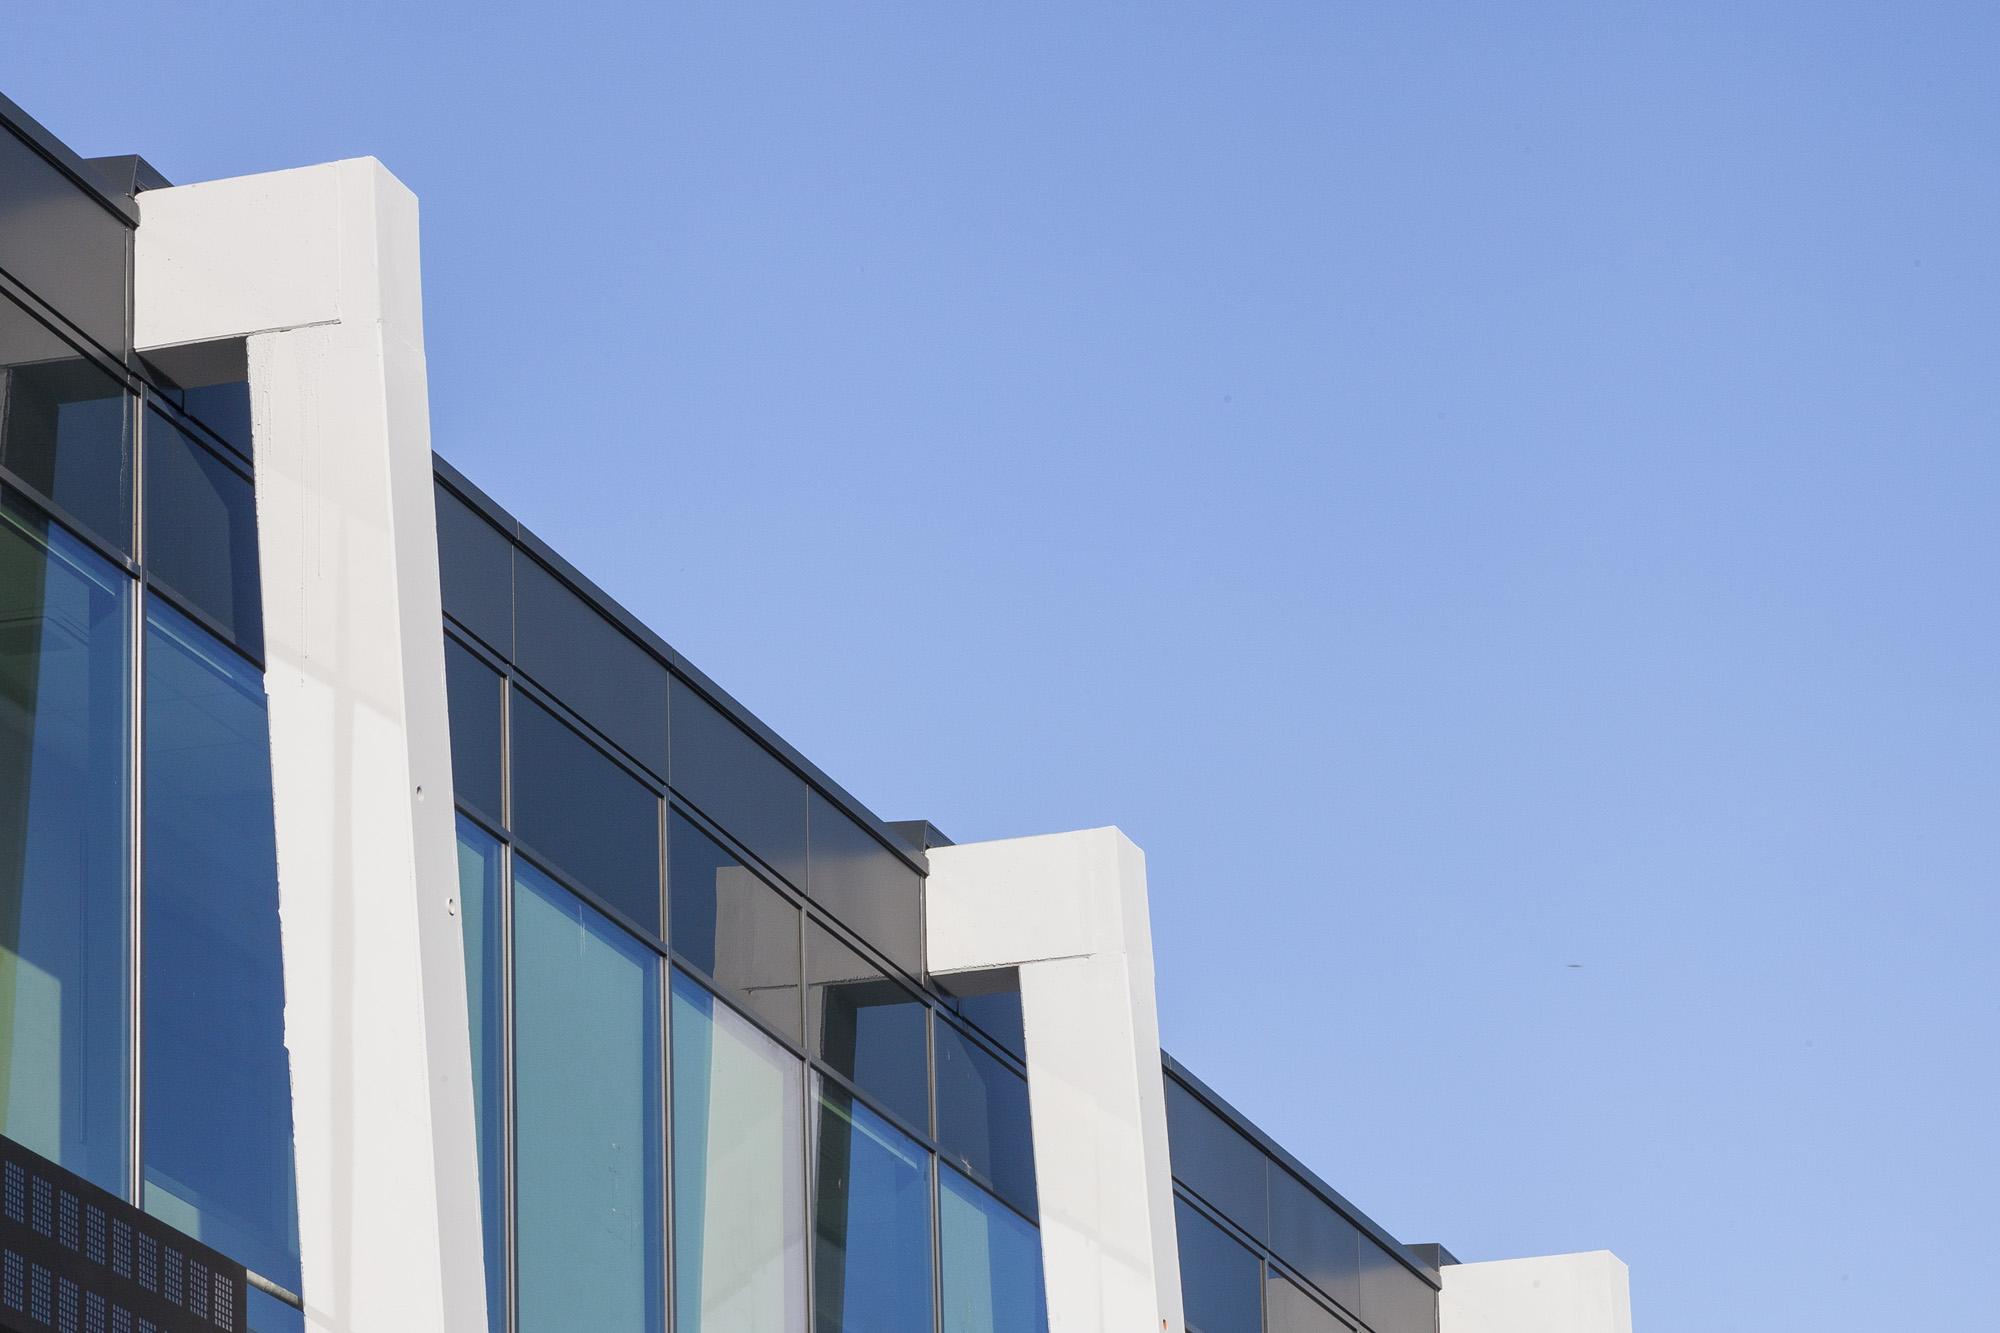 Dedalo architetti - Andrea Bosio - Fotografia